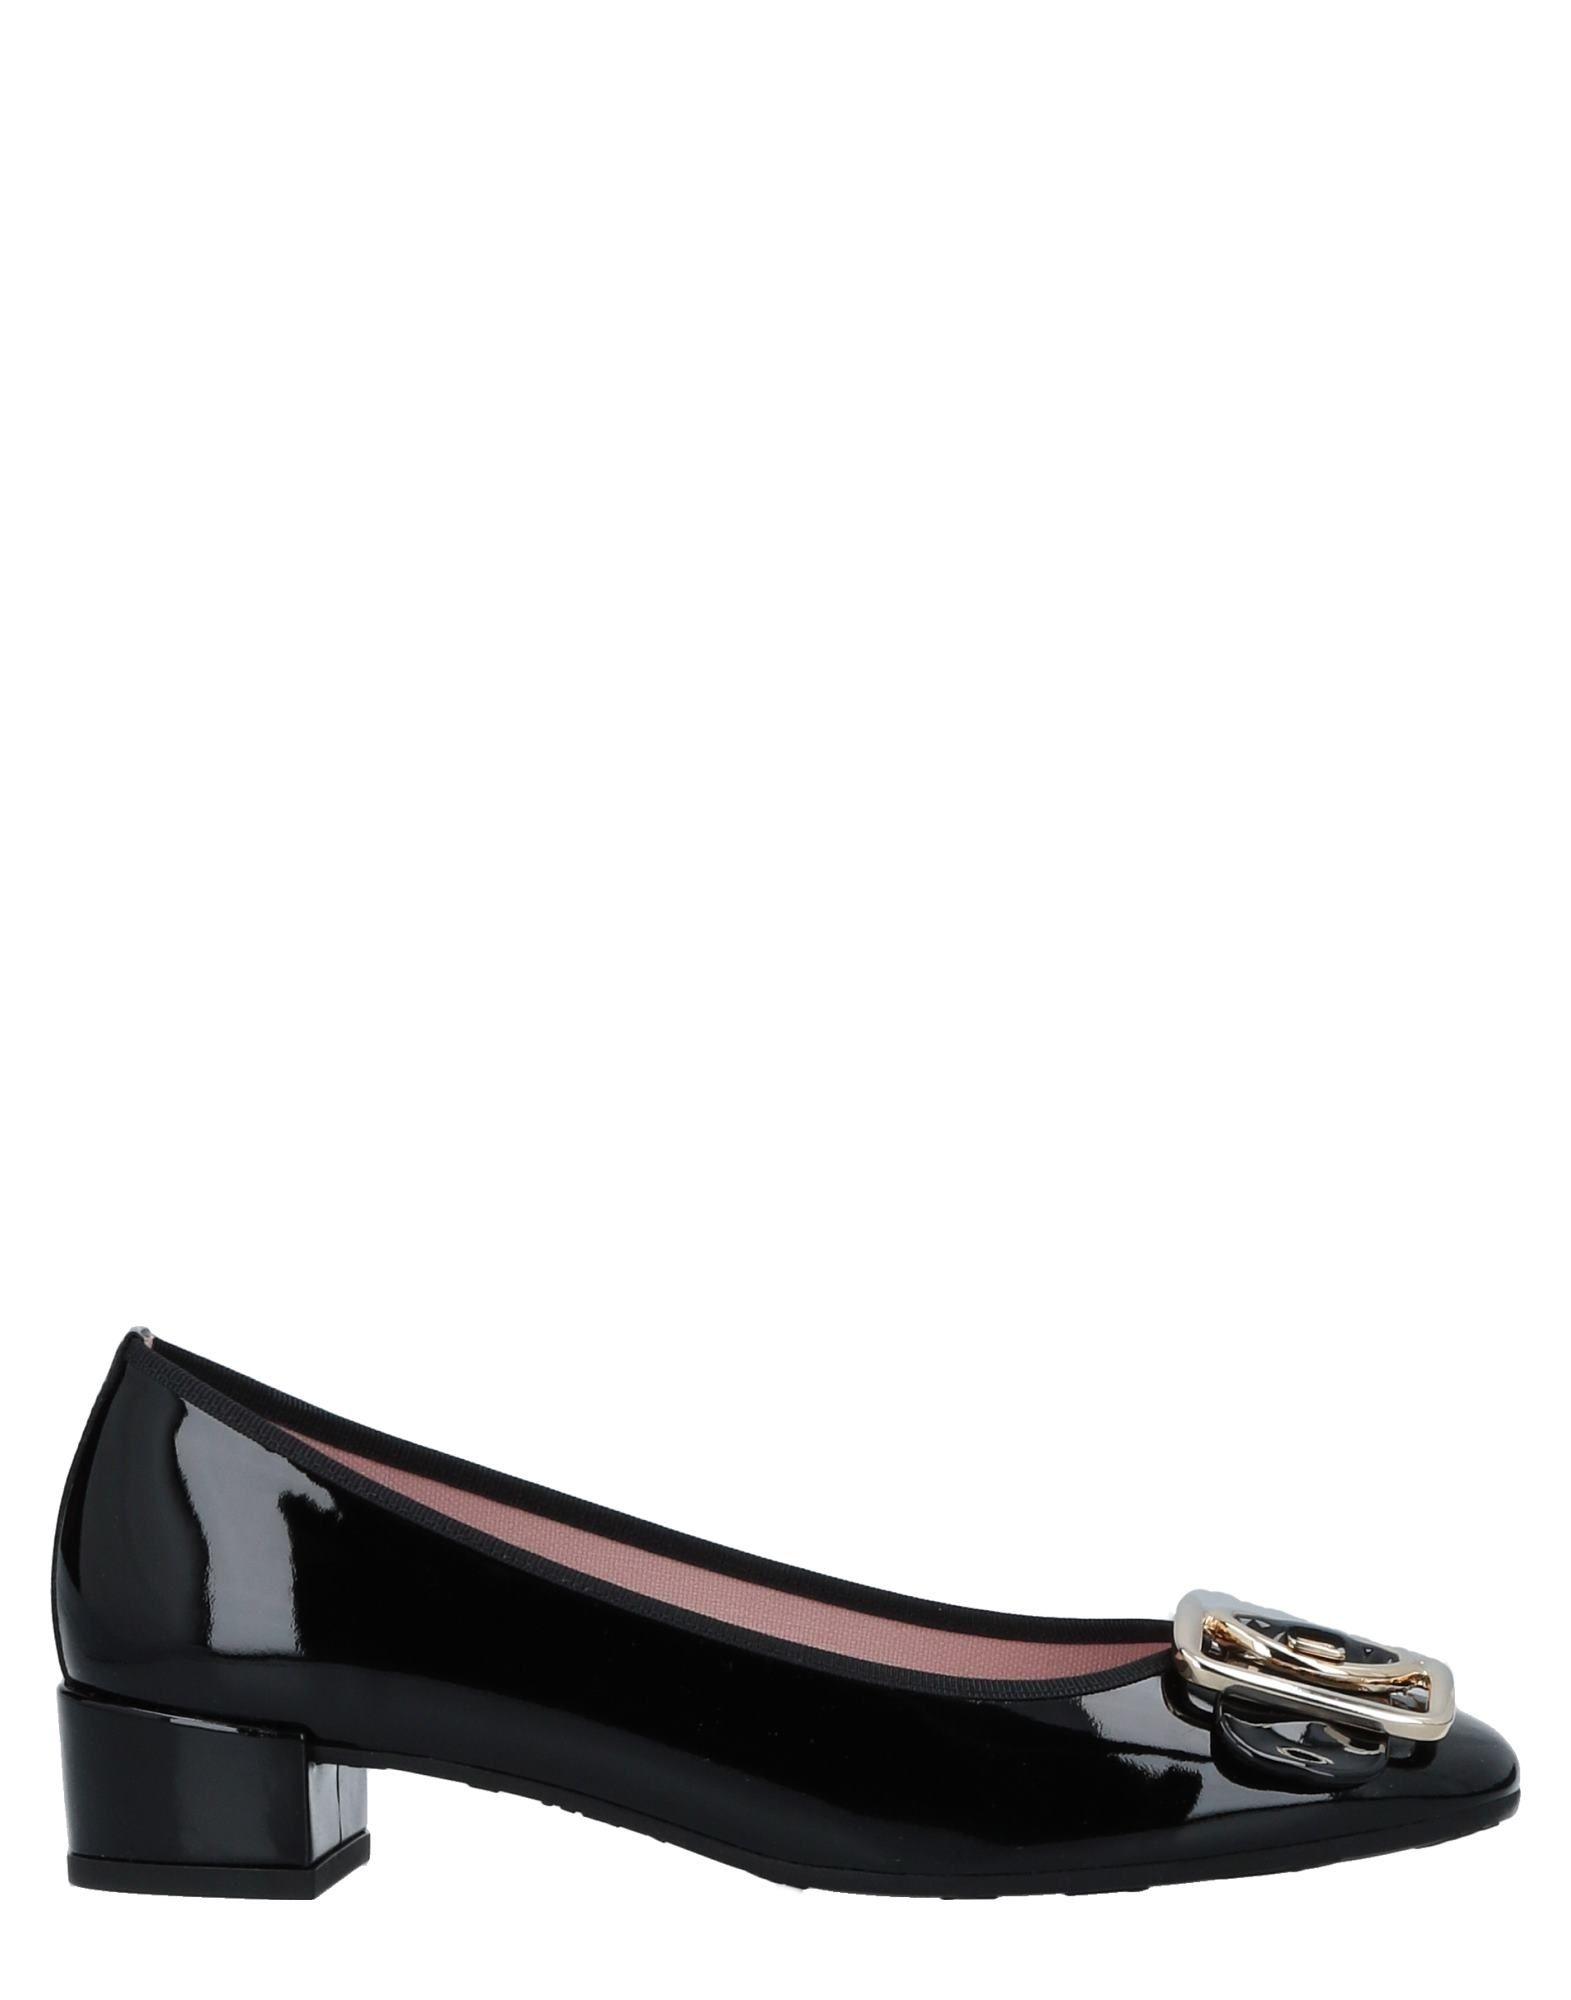 Gut tragenPretty um billige Schuhe zu tragenPretty Gut Ballerinas Pumps Damen  11510492FW 69cc14